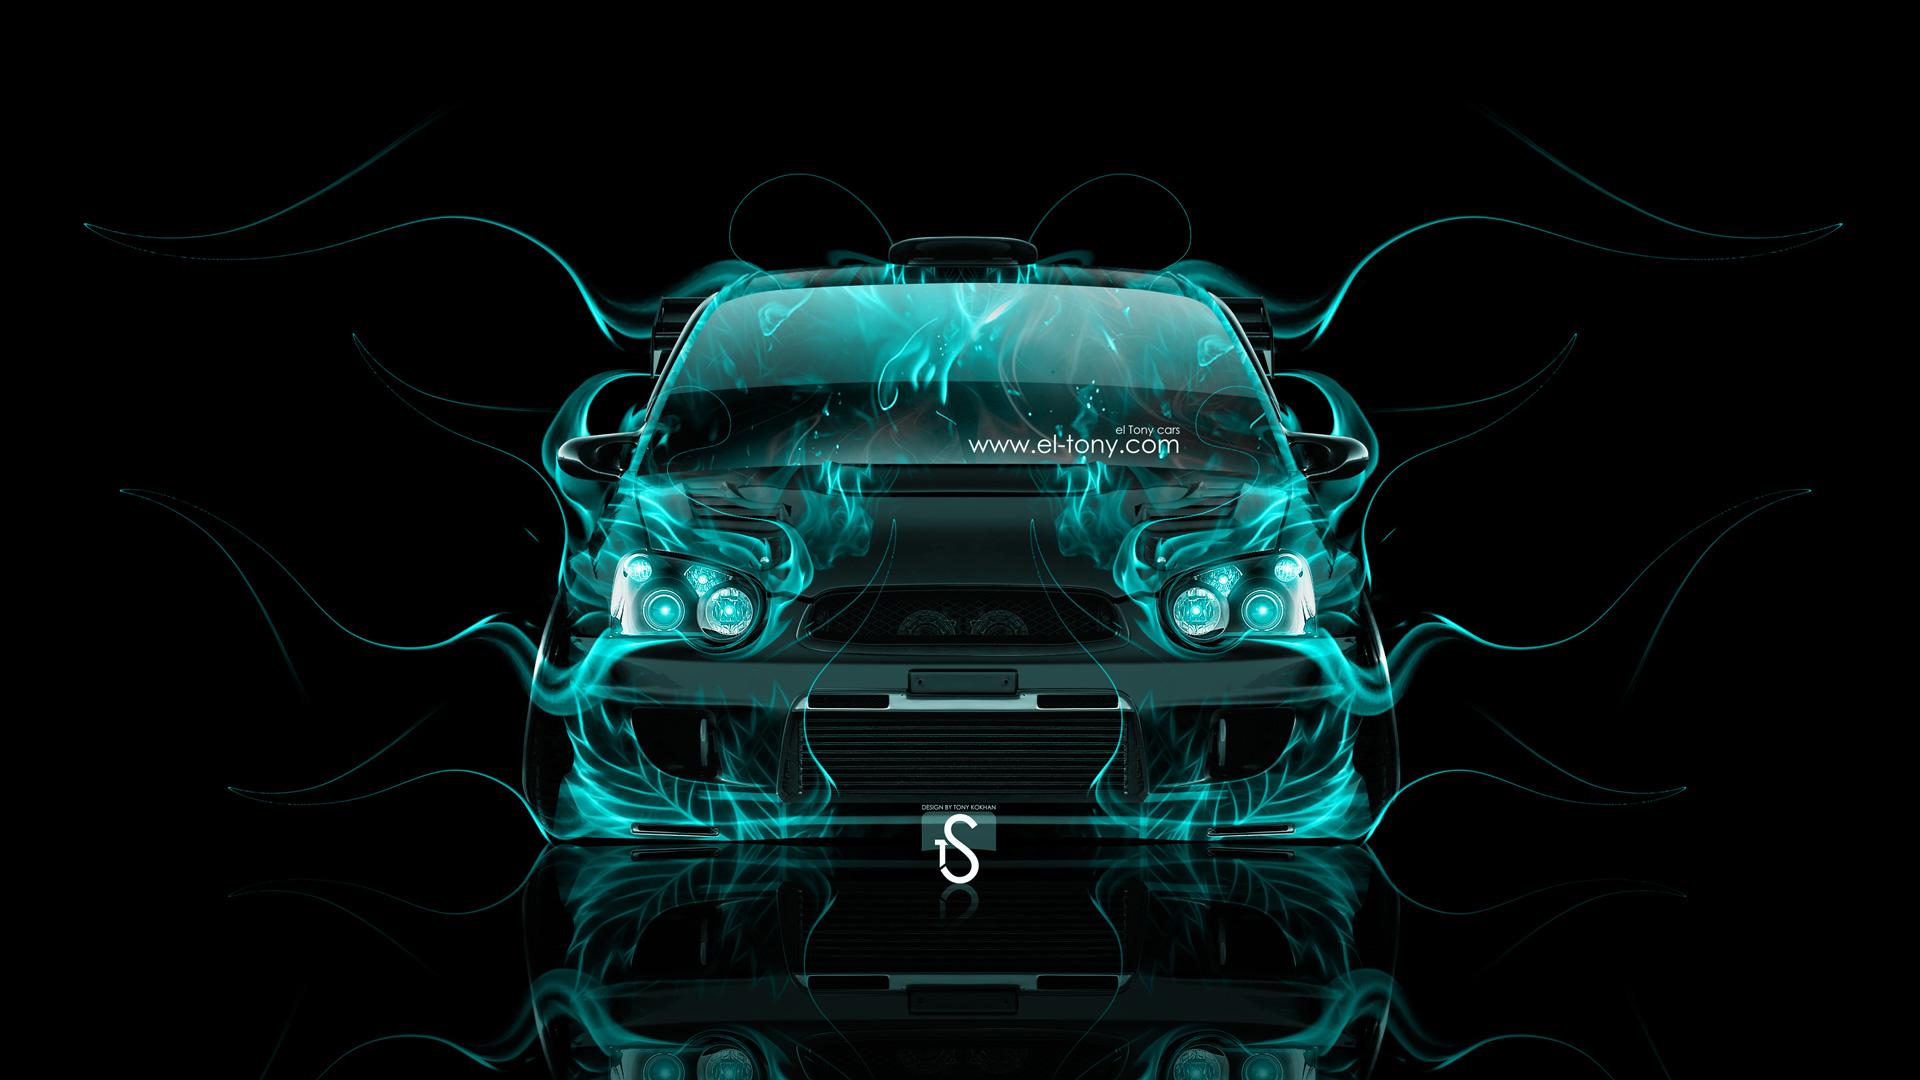 Subaru Impreza WRX STI JDM Front Fire Car 2014 1920x1080